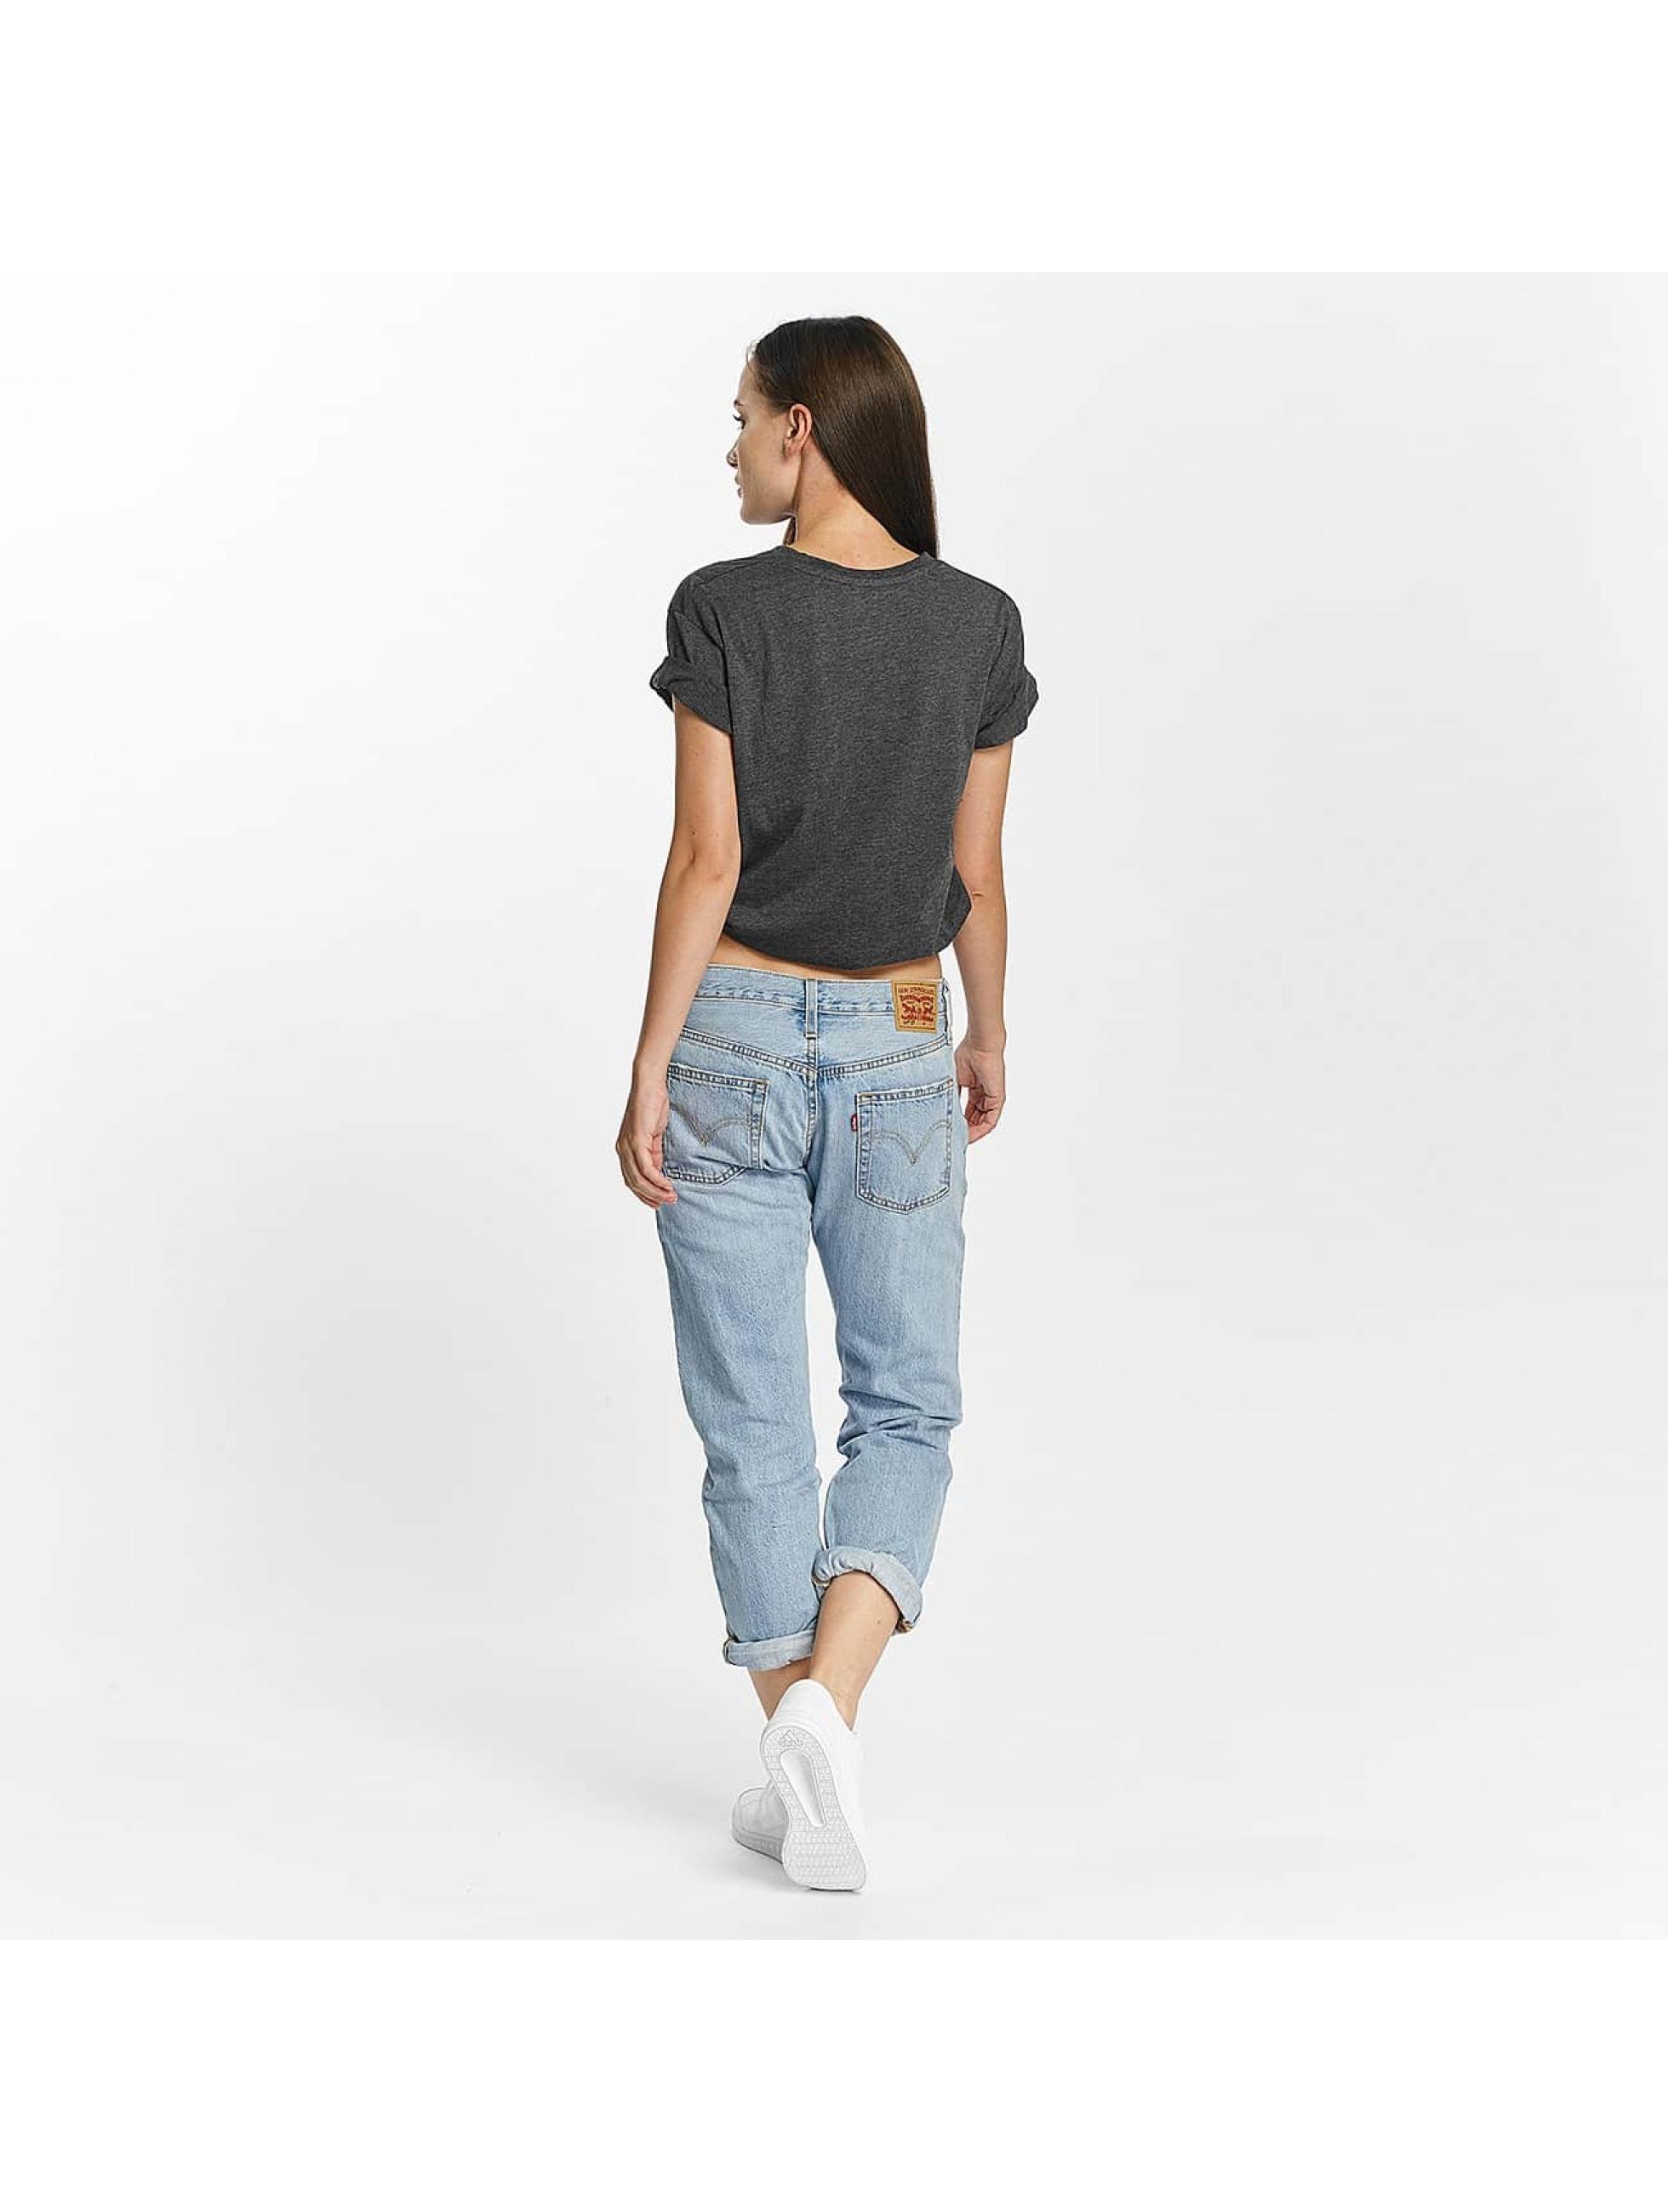 Cyprime Camiseta Basic Organic Cotton Oversized gris